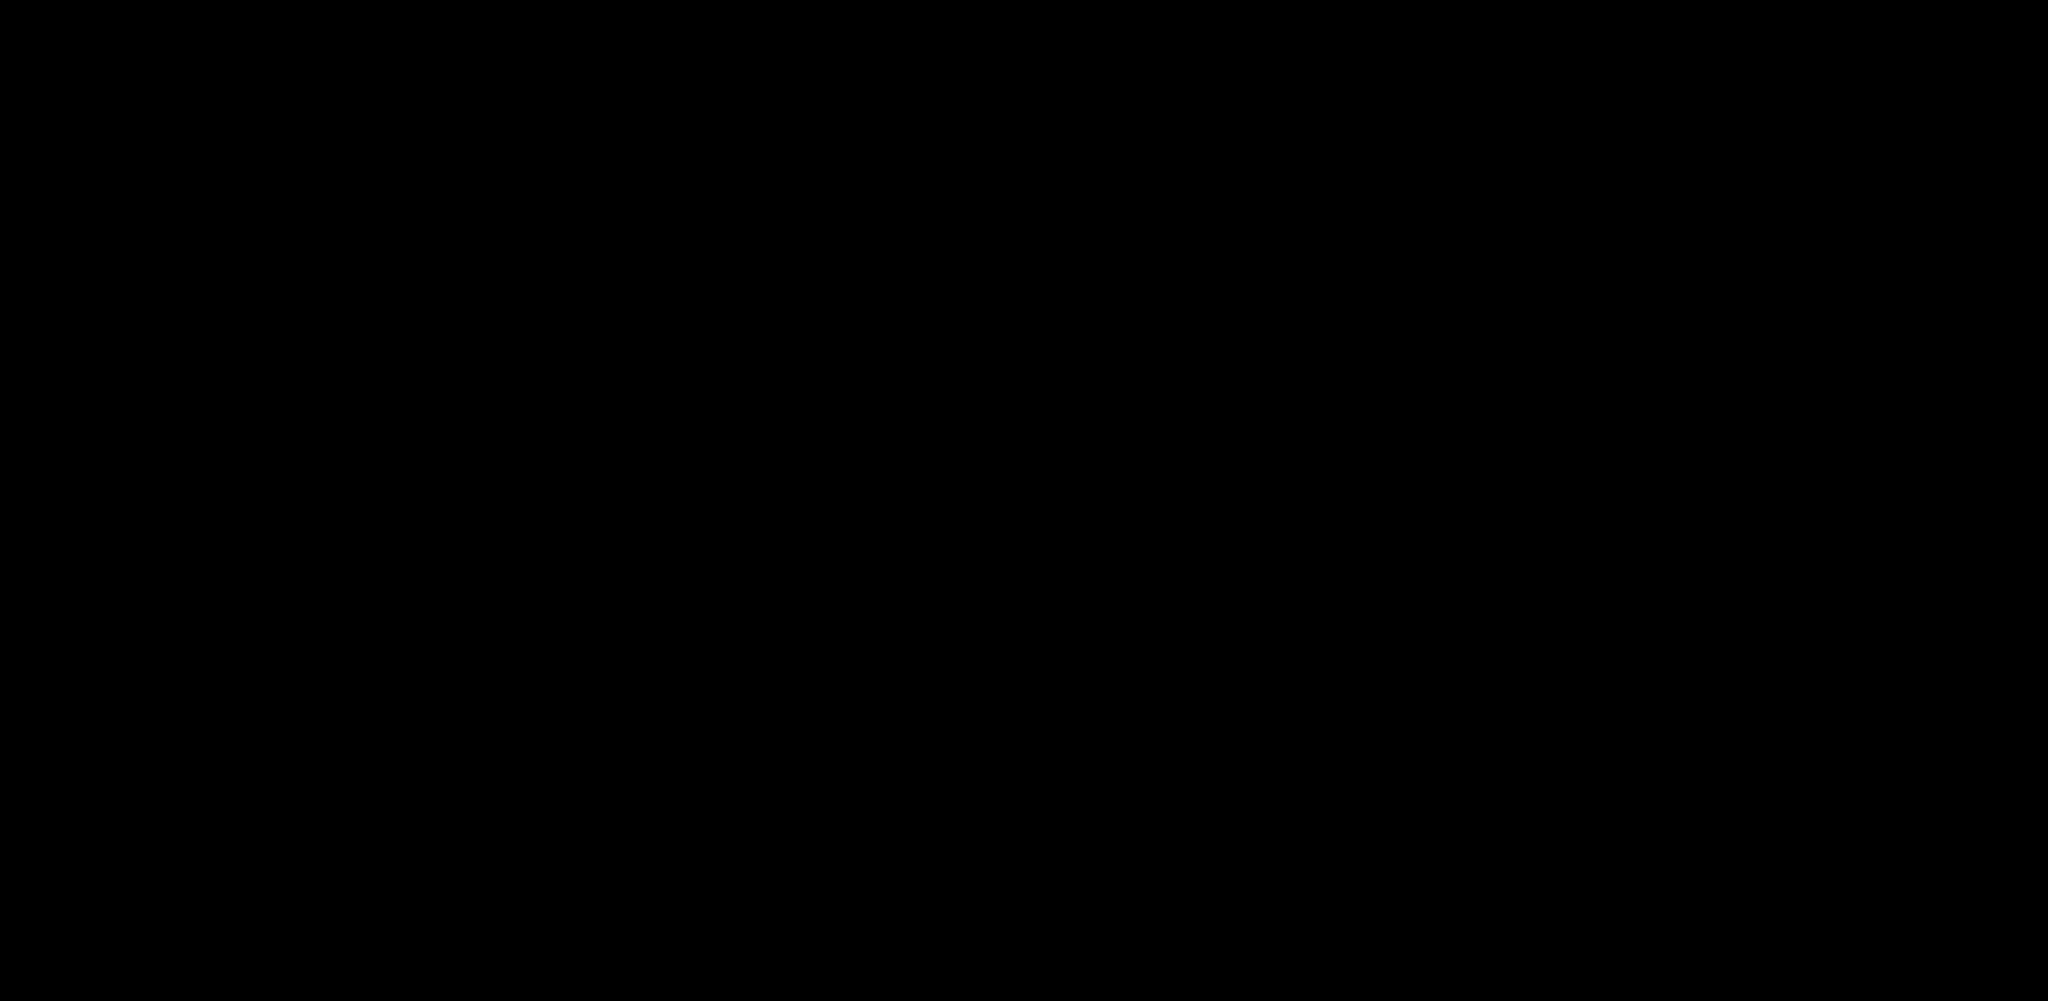 Die Schrauber